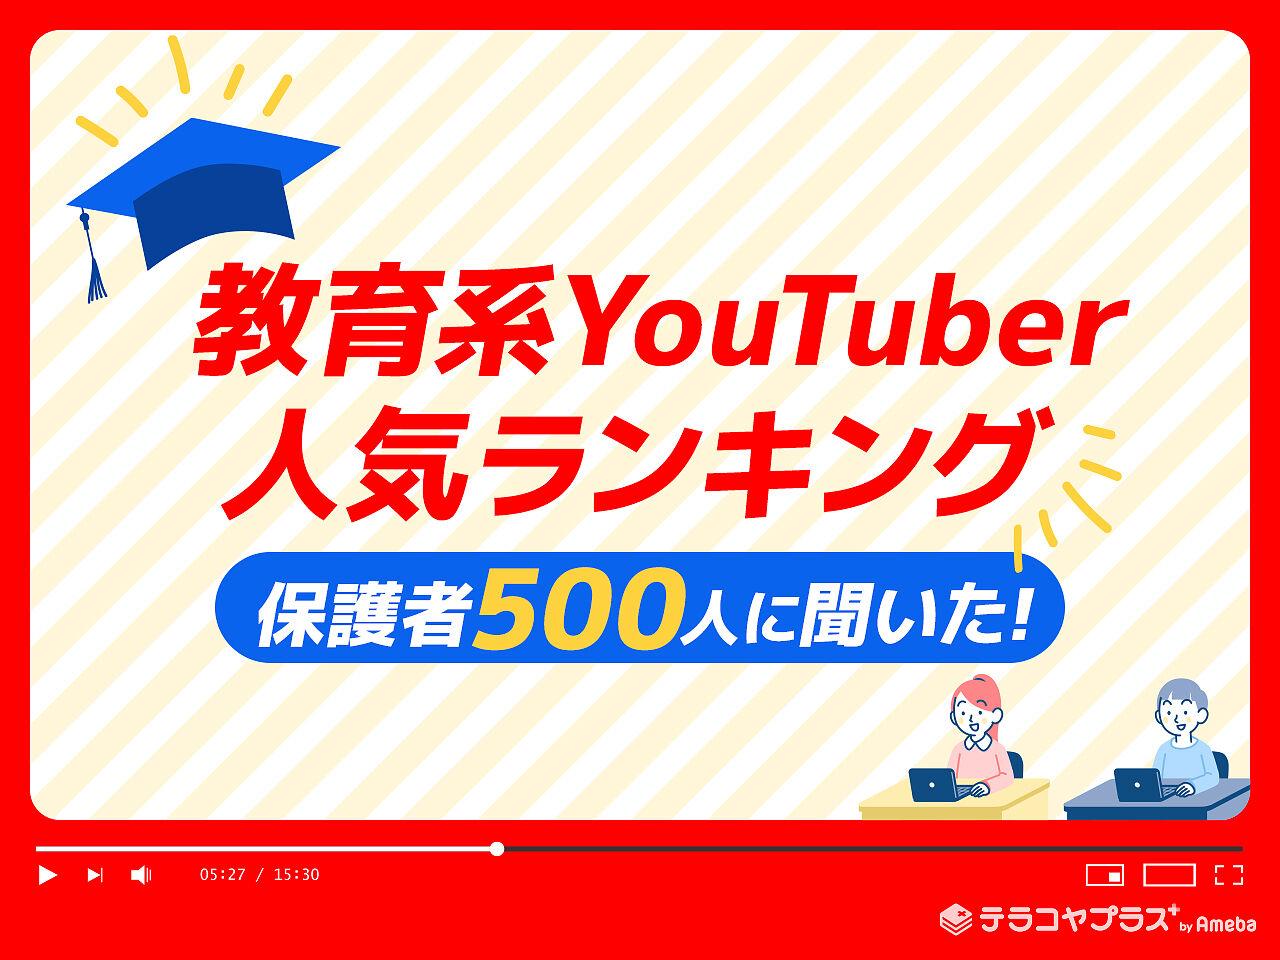 【2021年版】保護者500人が選ぶ教育系YouTuber人気ランキング!1位は小島よしお、2位は中田敦彦の画像